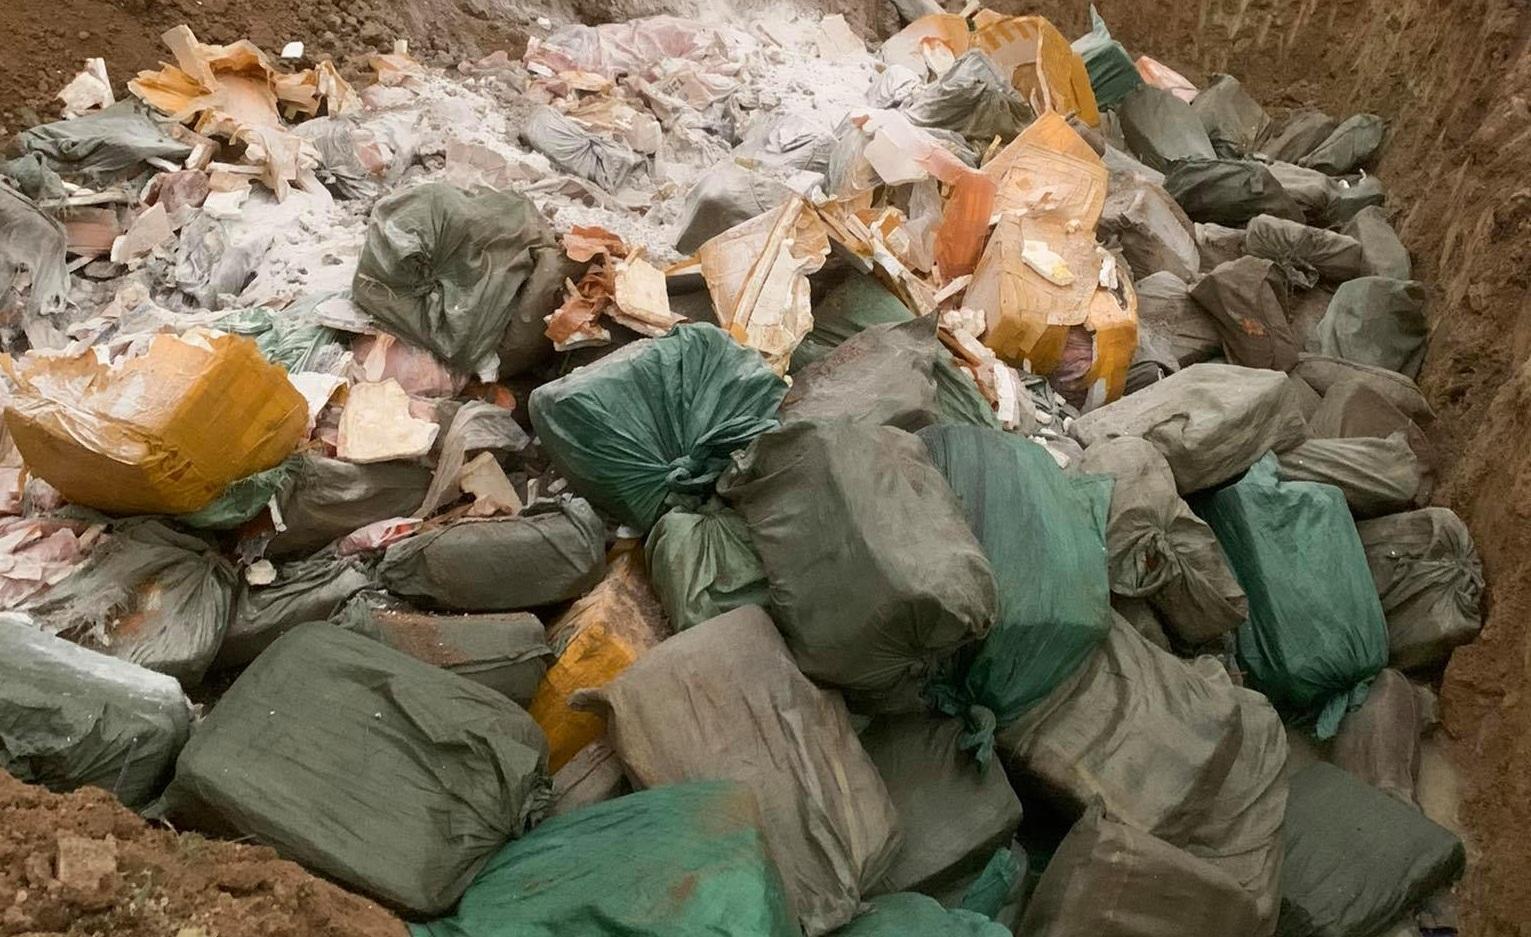 Nghệ An: Bắt xe container chở 14 tấn thịt lợn không rõ nguồn gốc